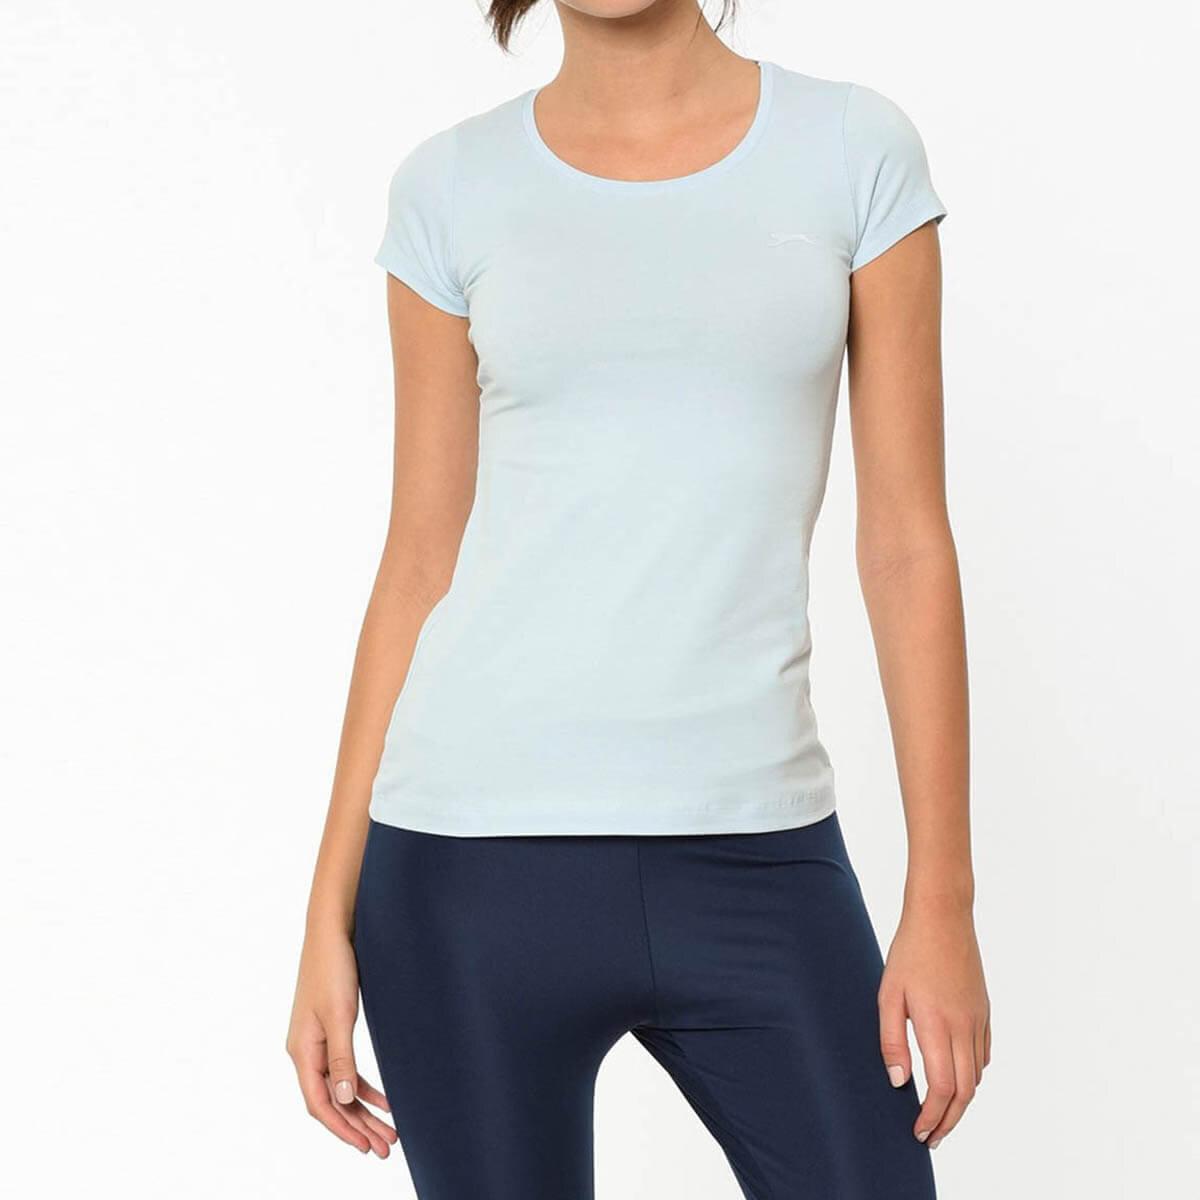 MAVI Kadın Kısa Kol T-Shirt ST18TK020-440